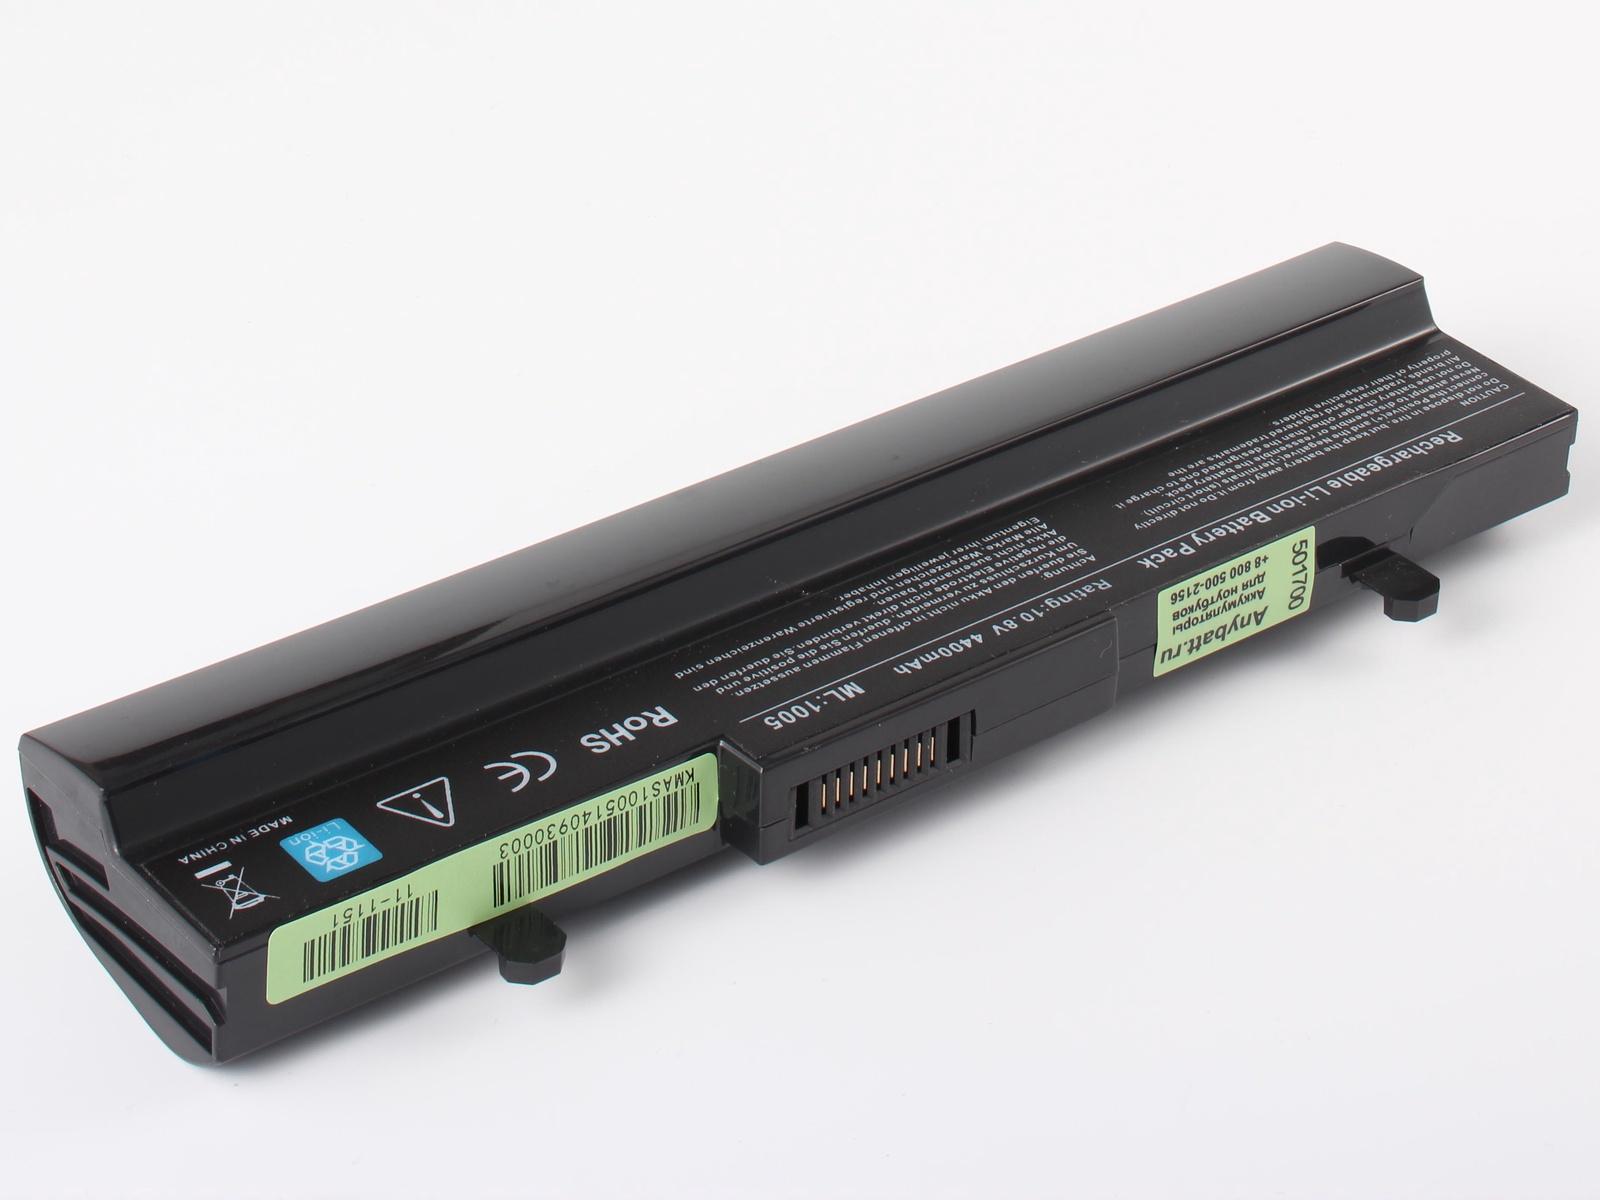 Аккумулятор для ноутбука AnyBatt Asus AL32-1005, ML32-1005, ML31-1005, AL31-1005, PL32-1005, 90-OA001B9000, 90-OA001B9100